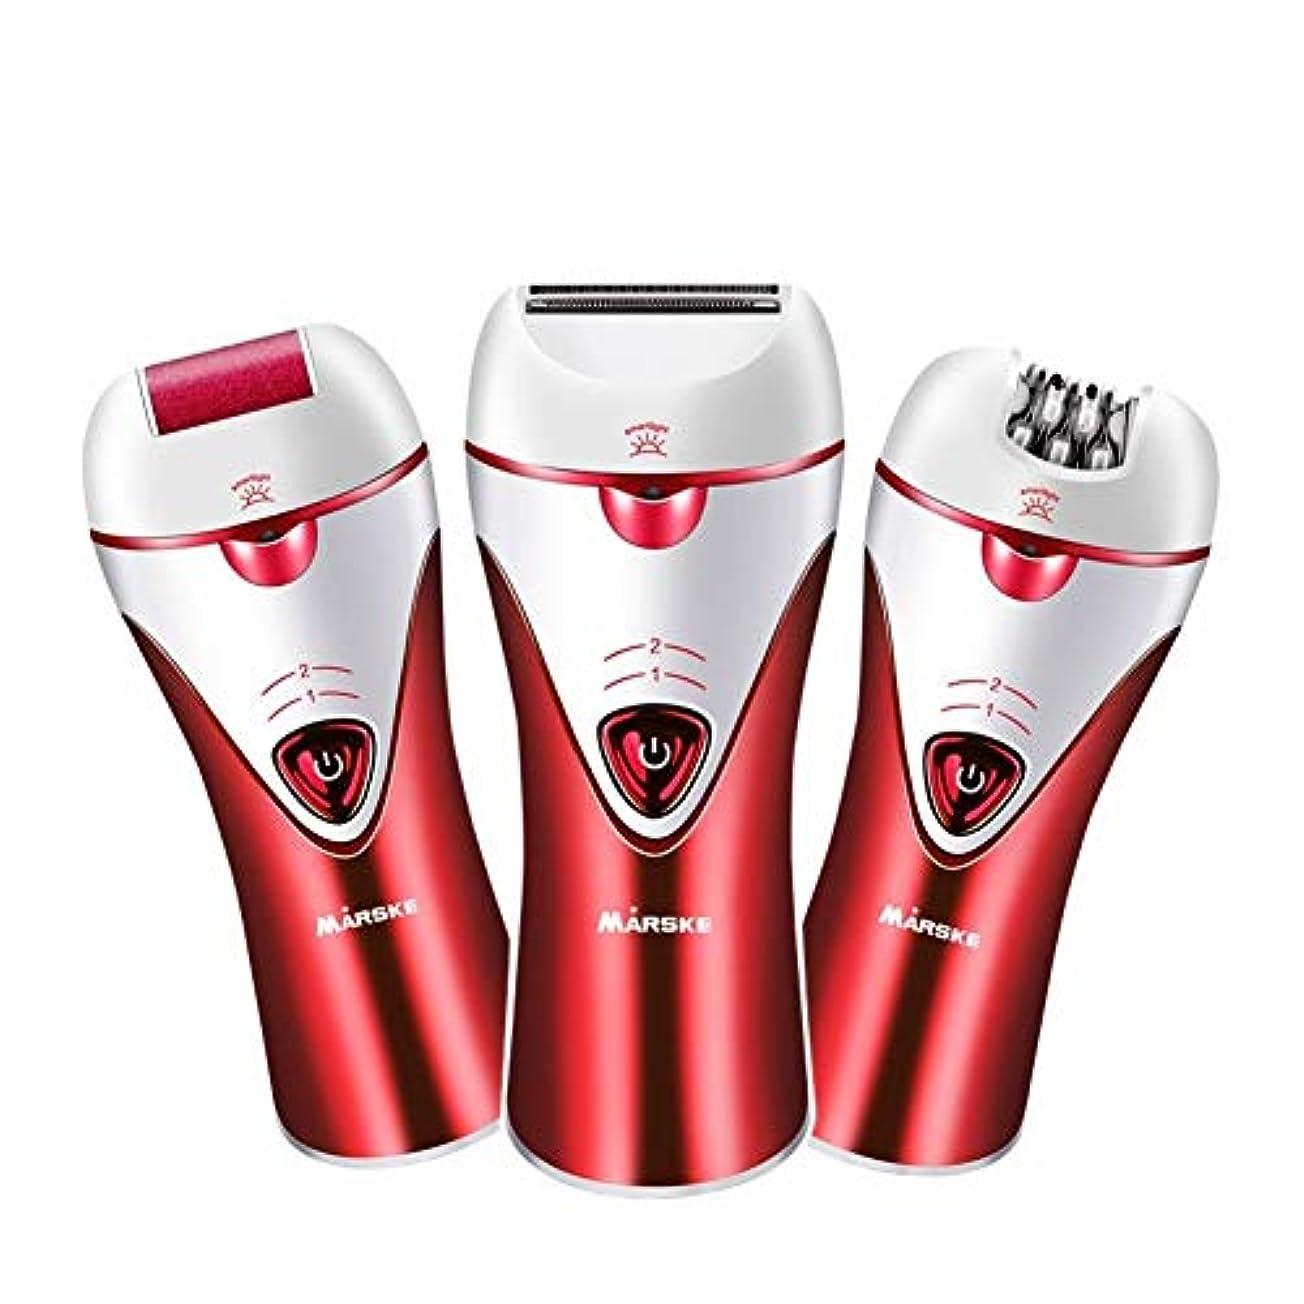 シダうがい薬アダルトTrliy- 充電式電動脱毛器、女性のための痛みのない快適さスキンケア脱毛ツール浴室ウェットとドライ脱毛器 (Color : Red)